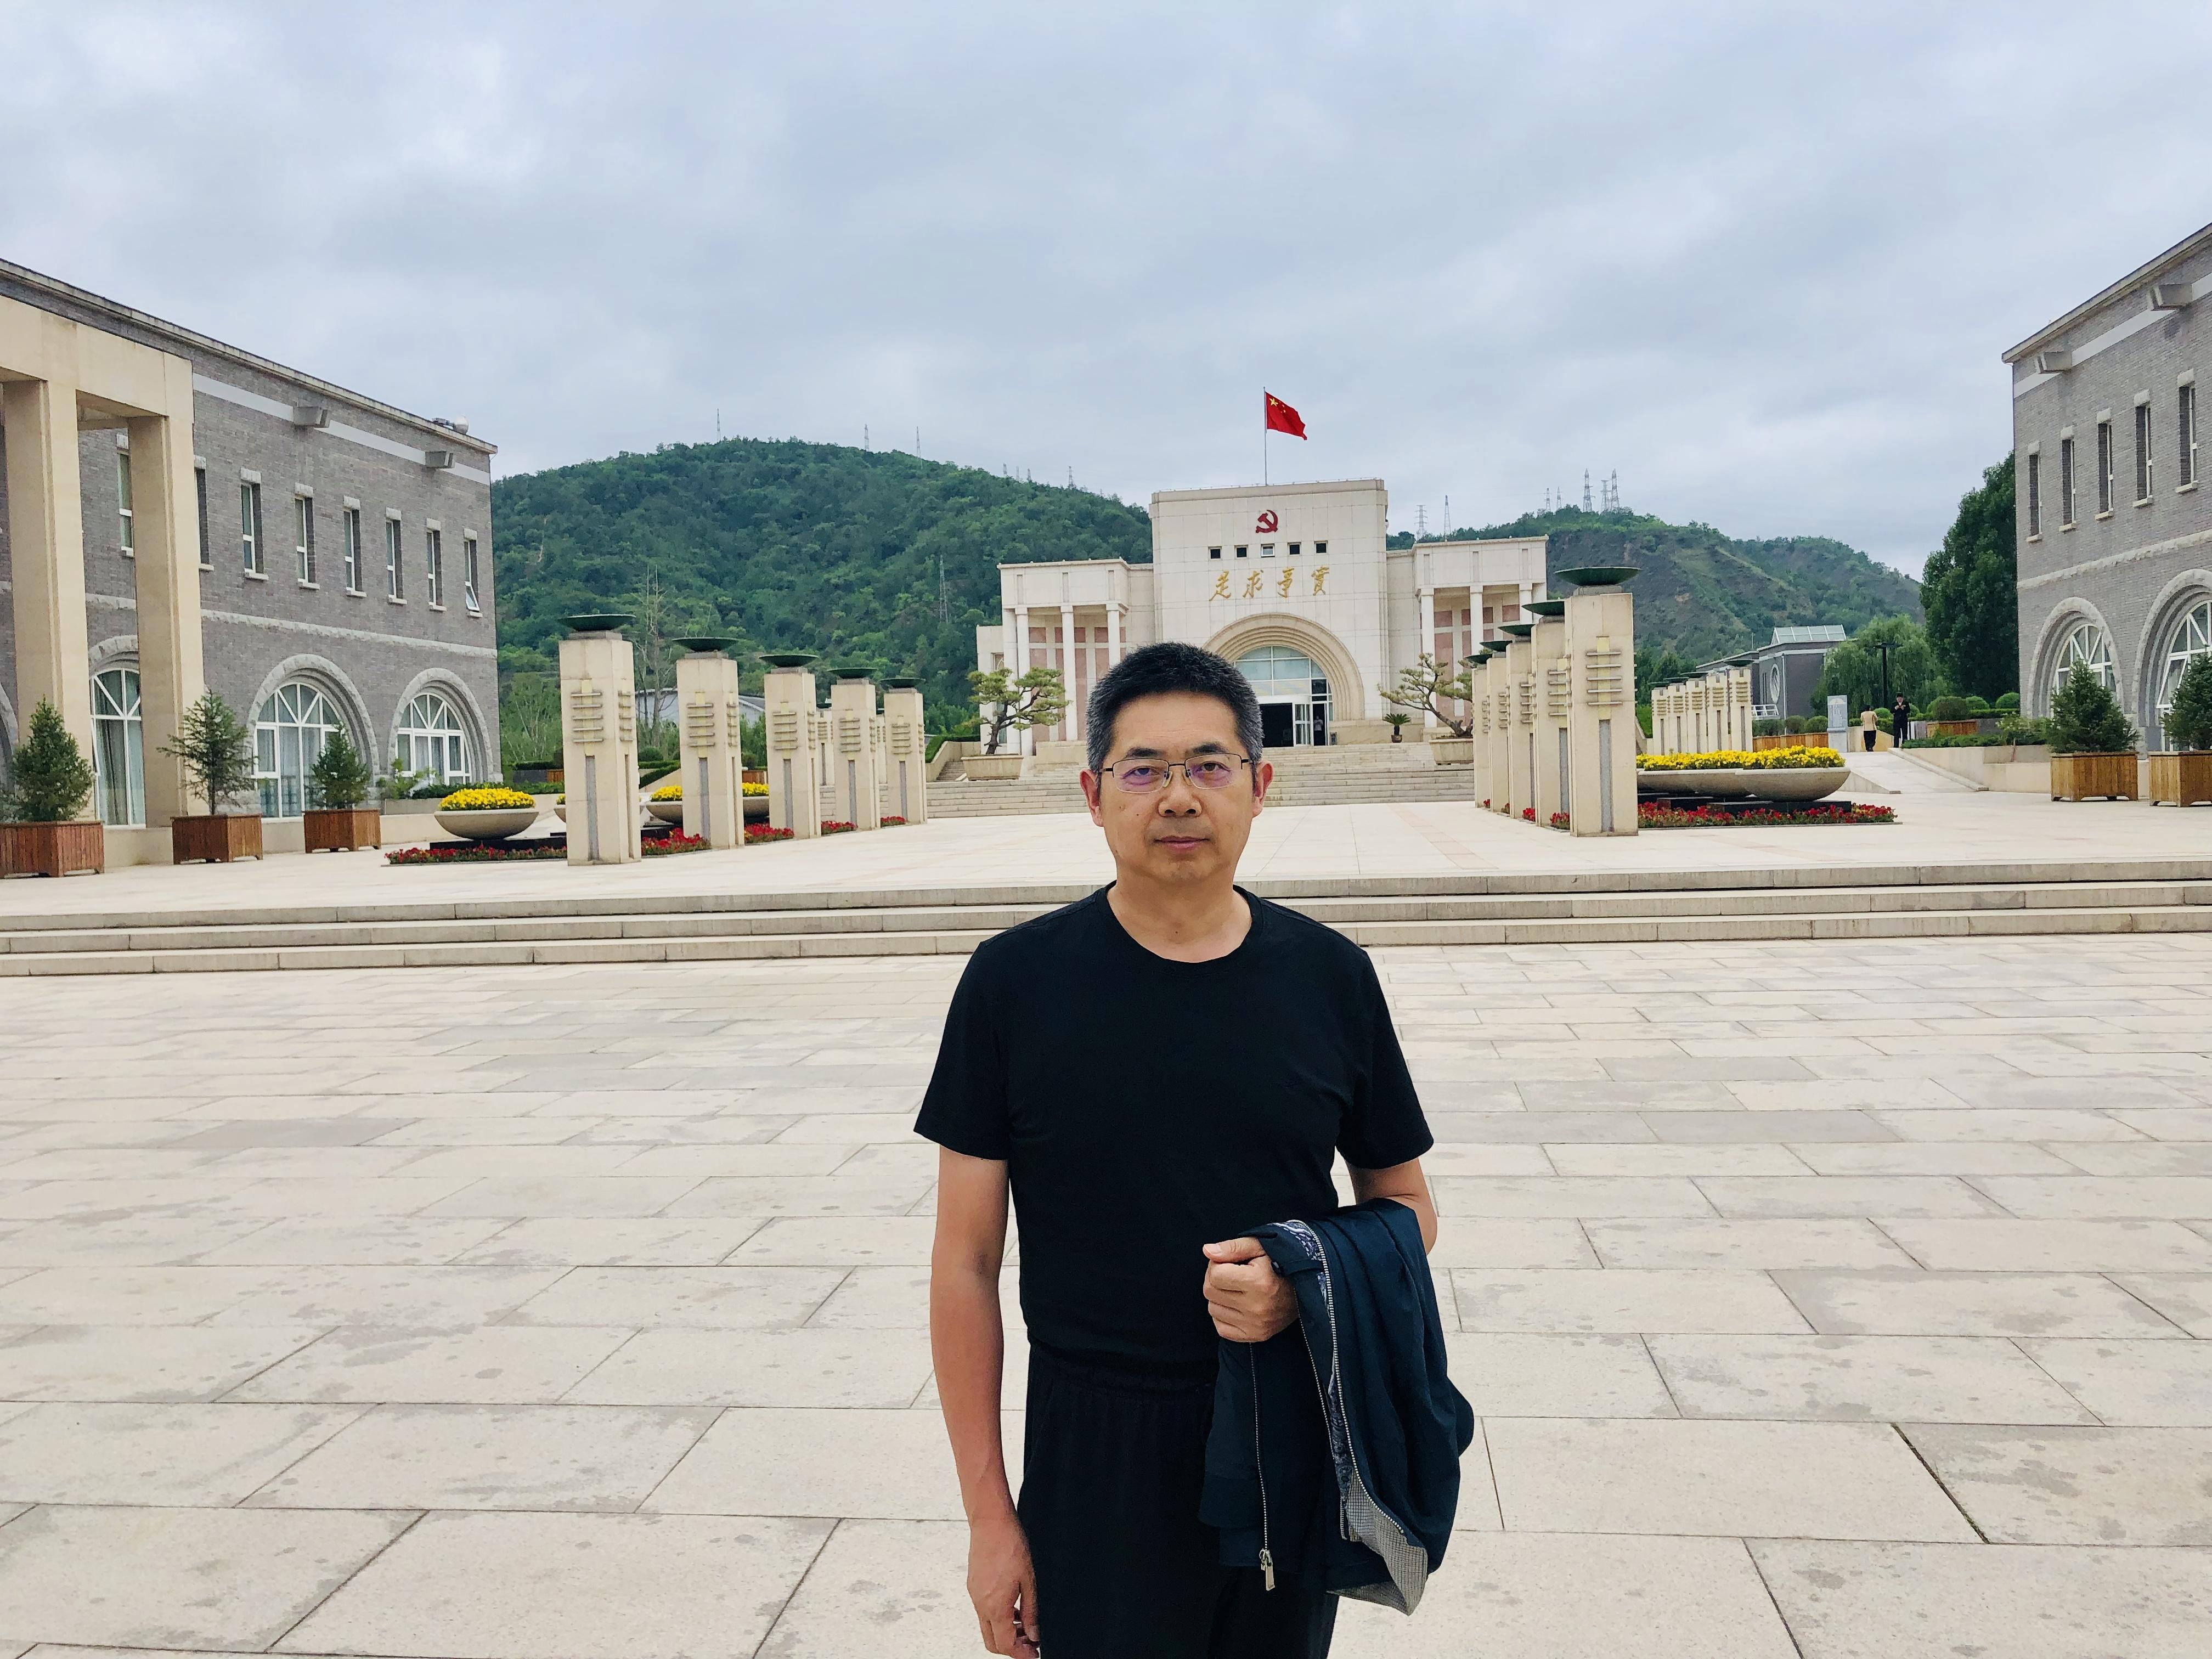 郭伟民:良渚遗址印证了长江流域对中国文明发源的精巧孝顺